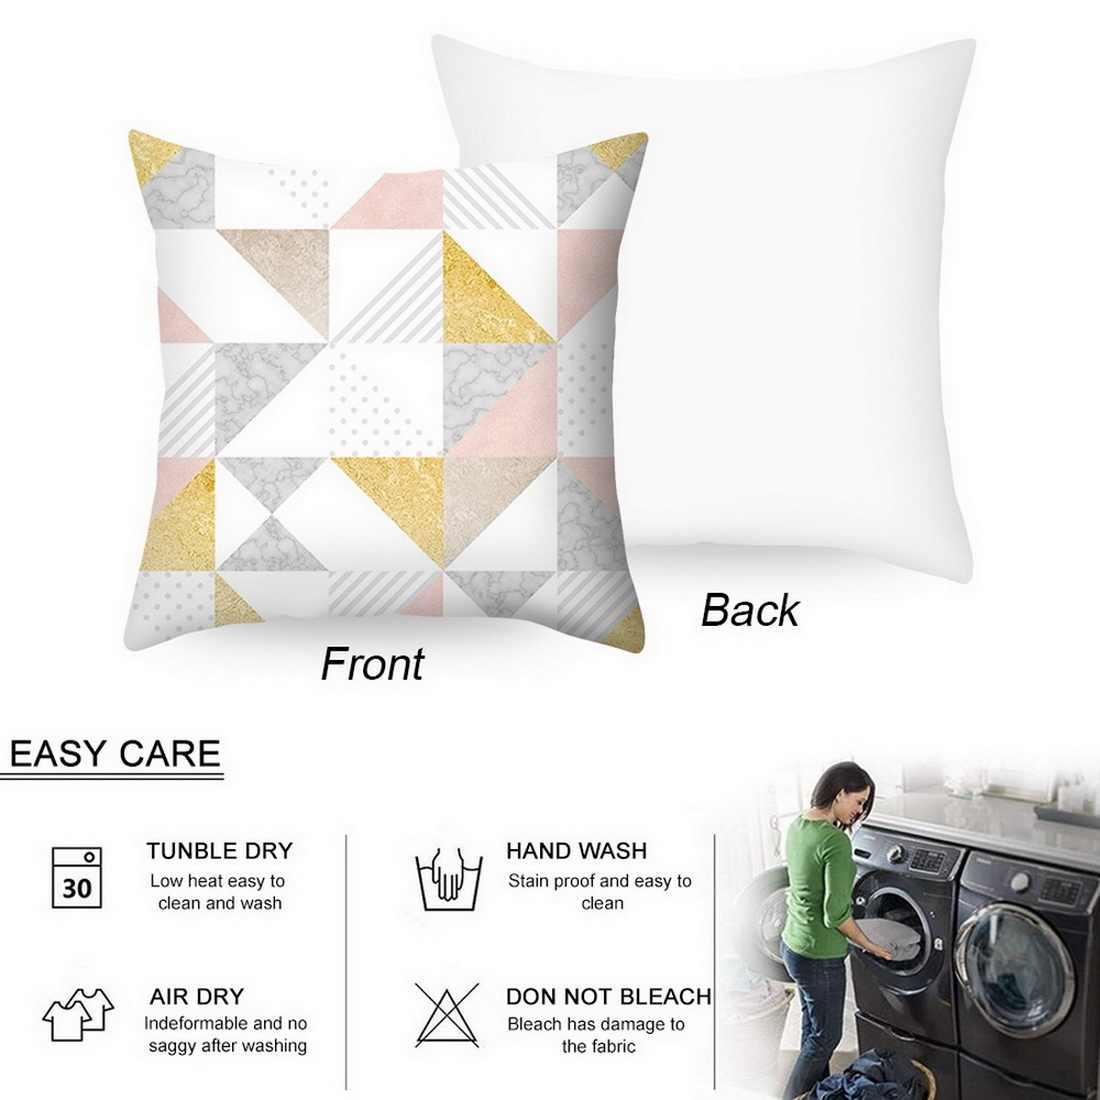 Yeni geometrik baskılı atmak minder örtüsü yatak odası baskı yastık kılıfı 45x45cm Grometric çizgili minder örtüsü s